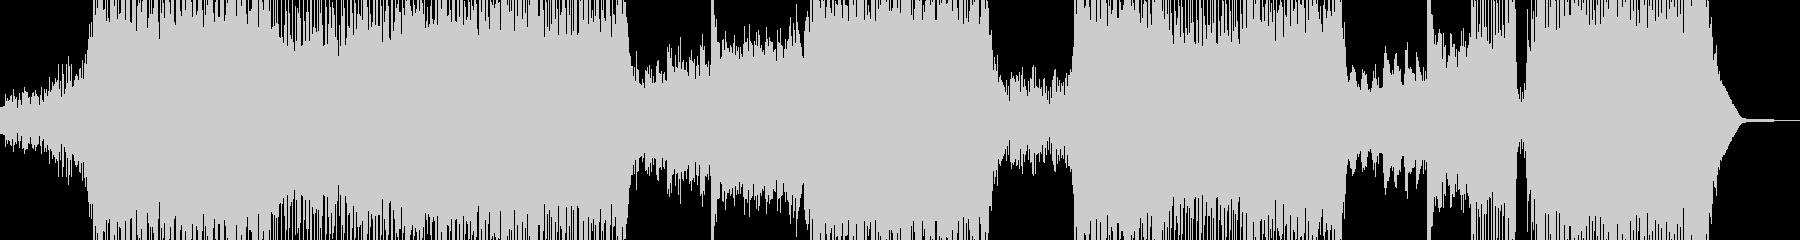 鮮やかな近未来イメージ SFポップ Bの未再生の波形